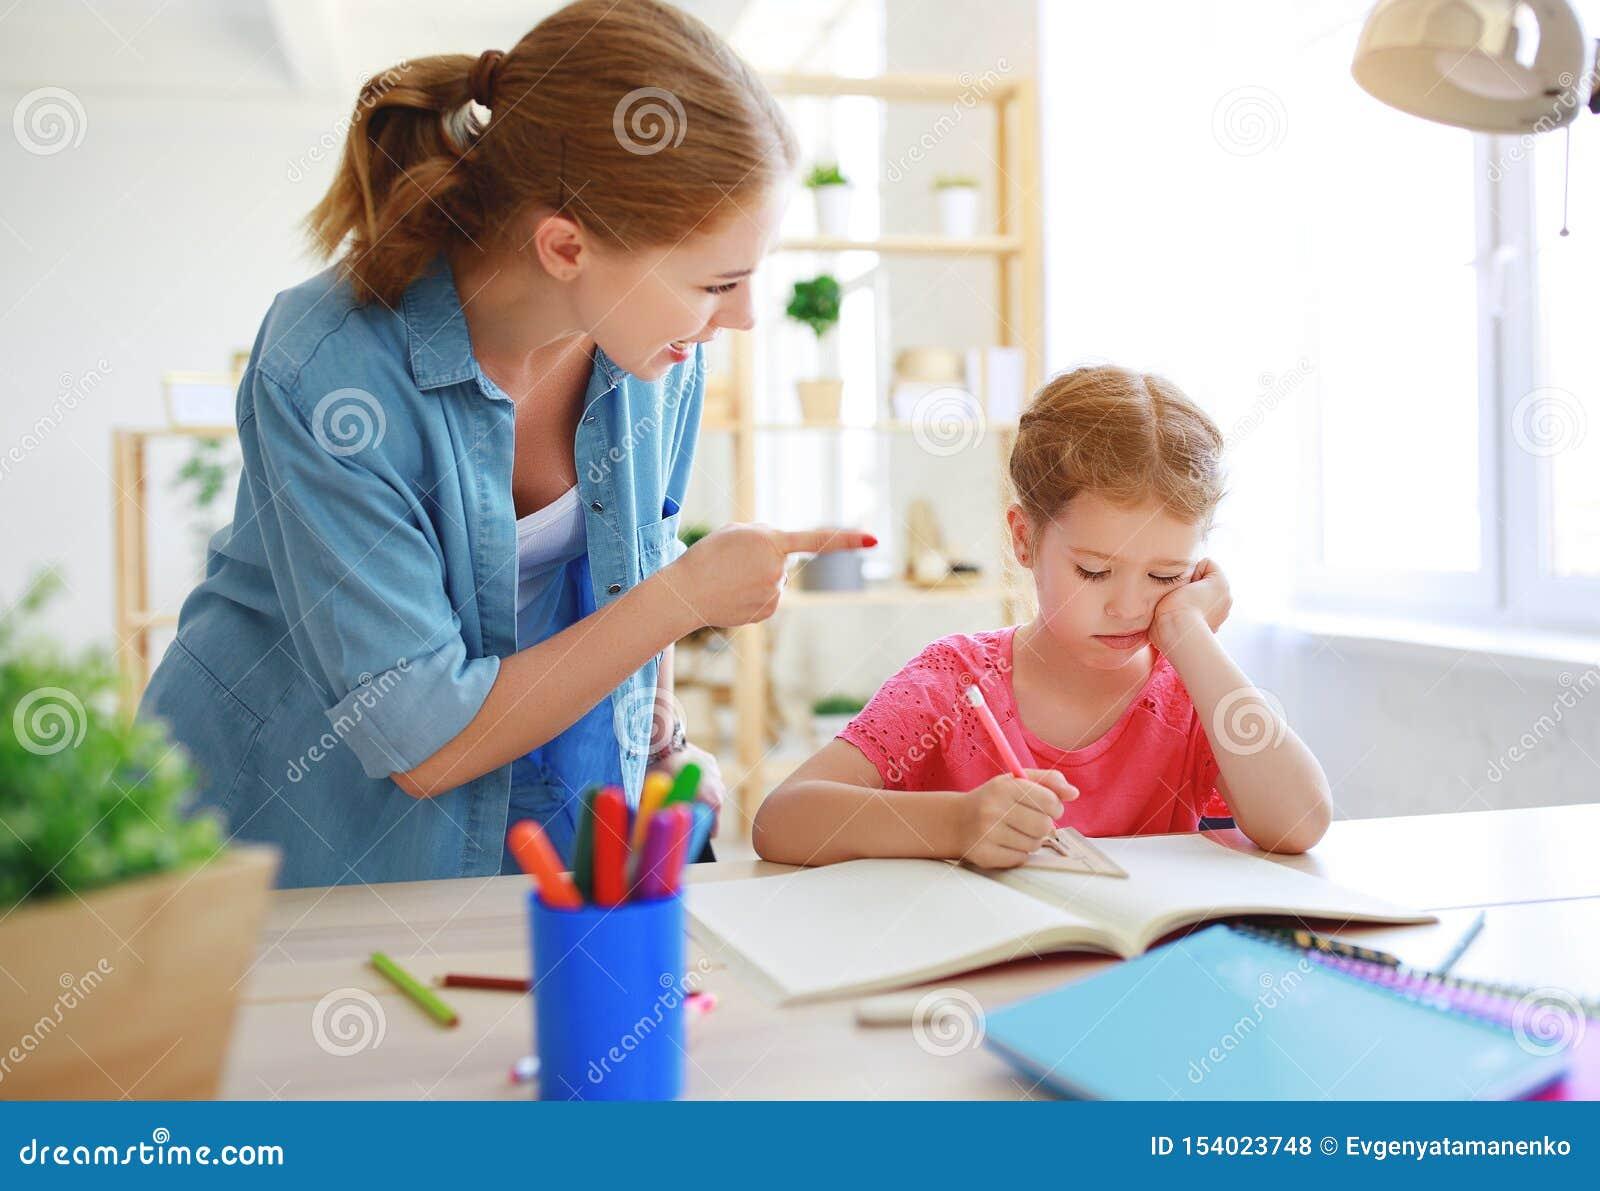 Matka ?aja dziecka dla biedy pracy domowej i uczy? kogo?